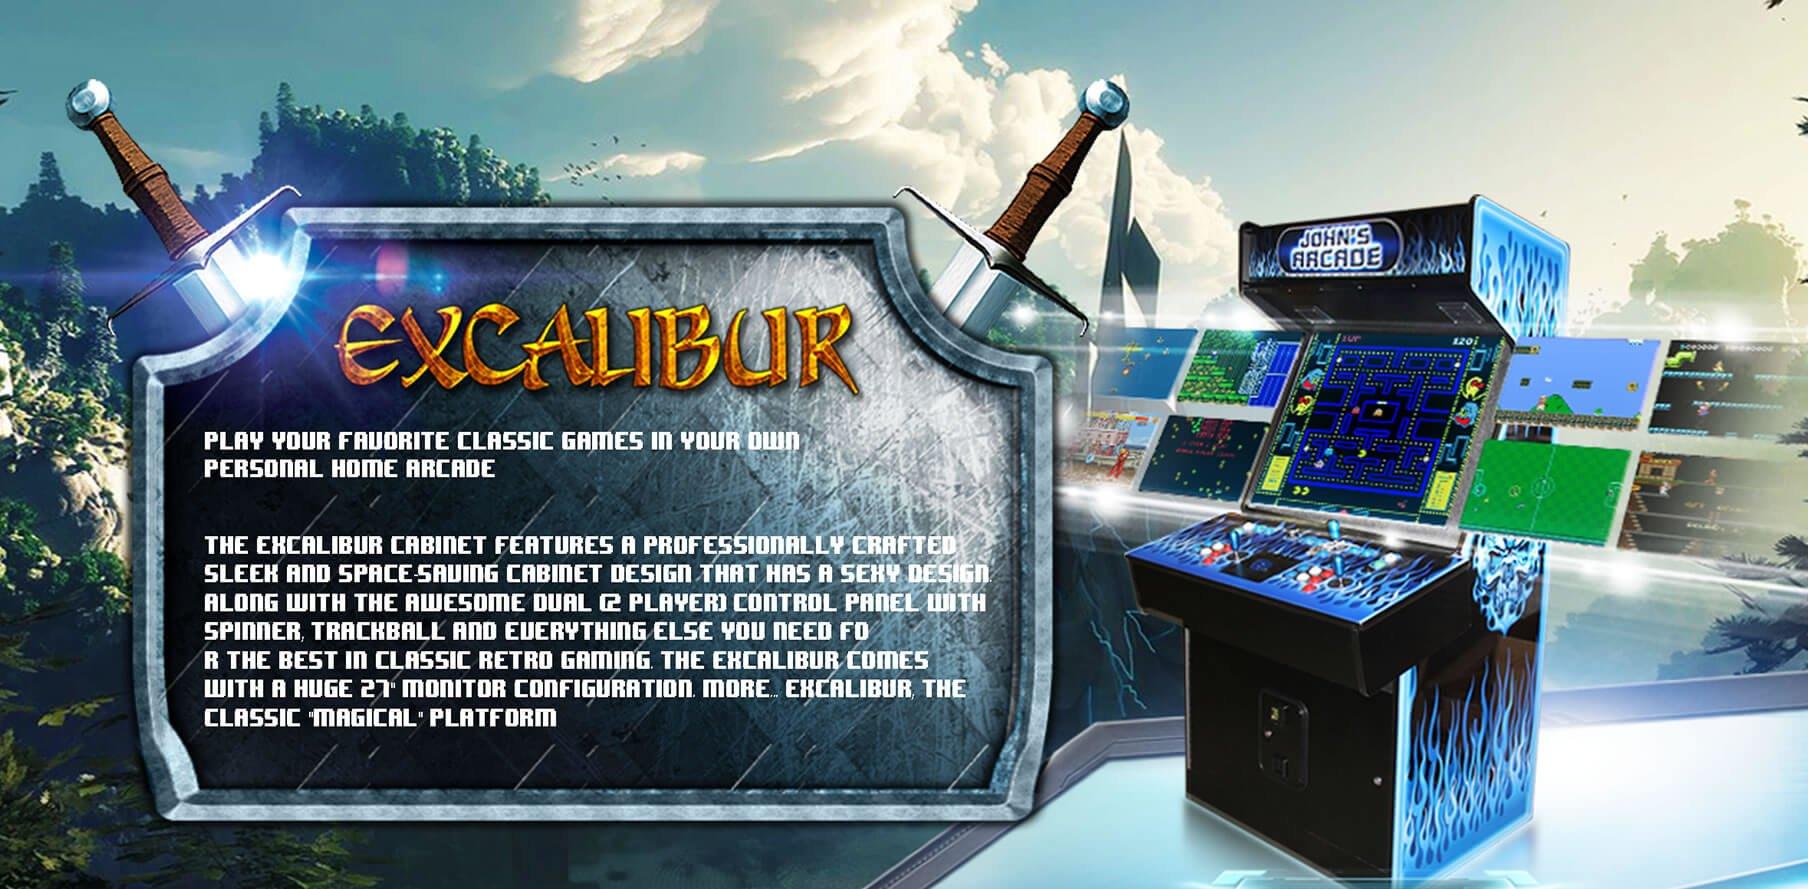 Arcade Machines Excalibur-Panel